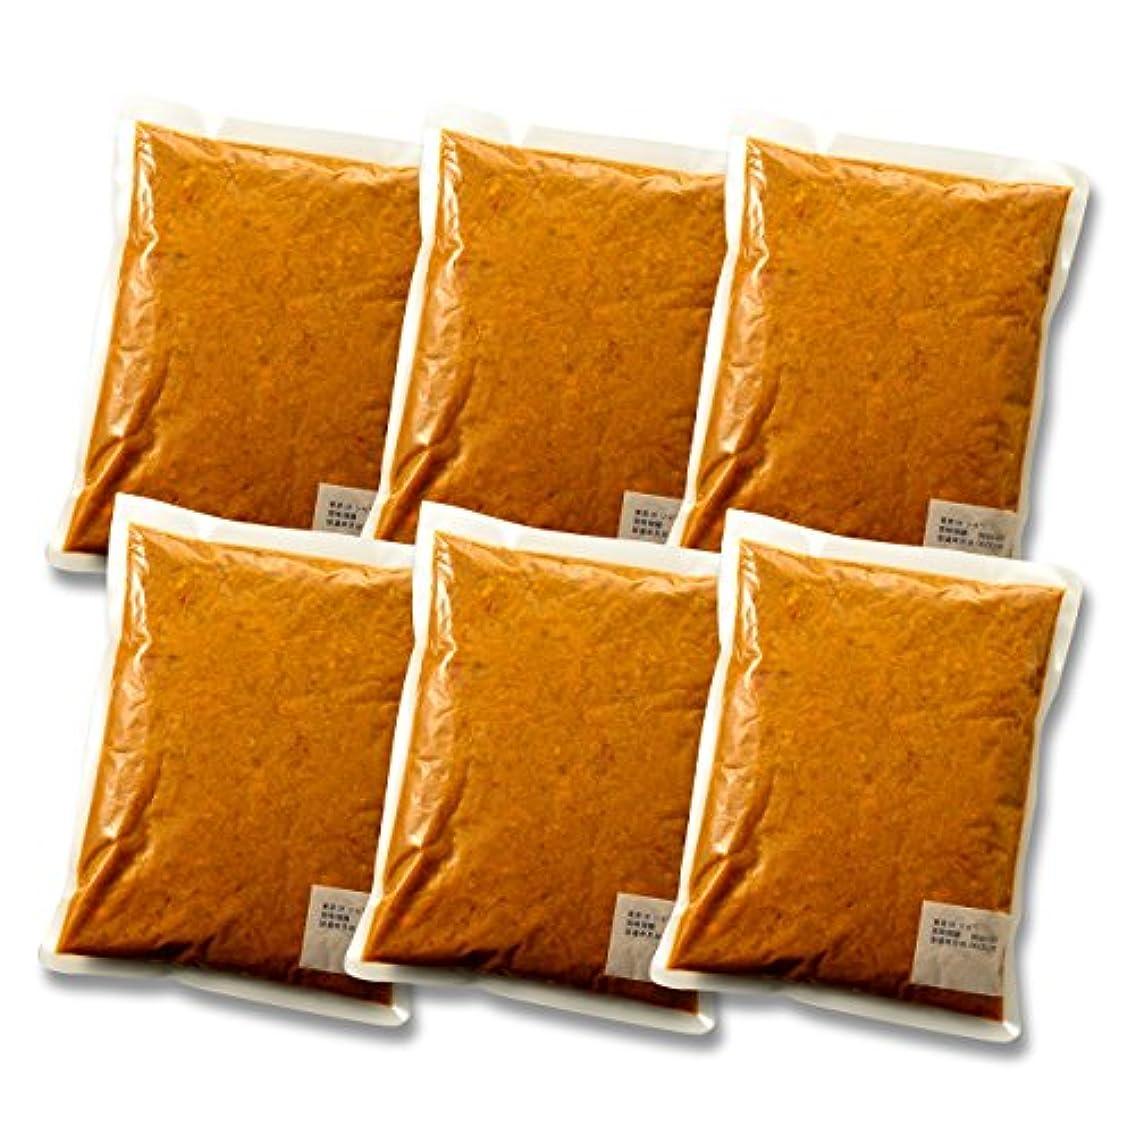 台風タクトうんざりロイヤル ジャワ風ビーフカレー(1kg×6袋)業務用冷凍パック